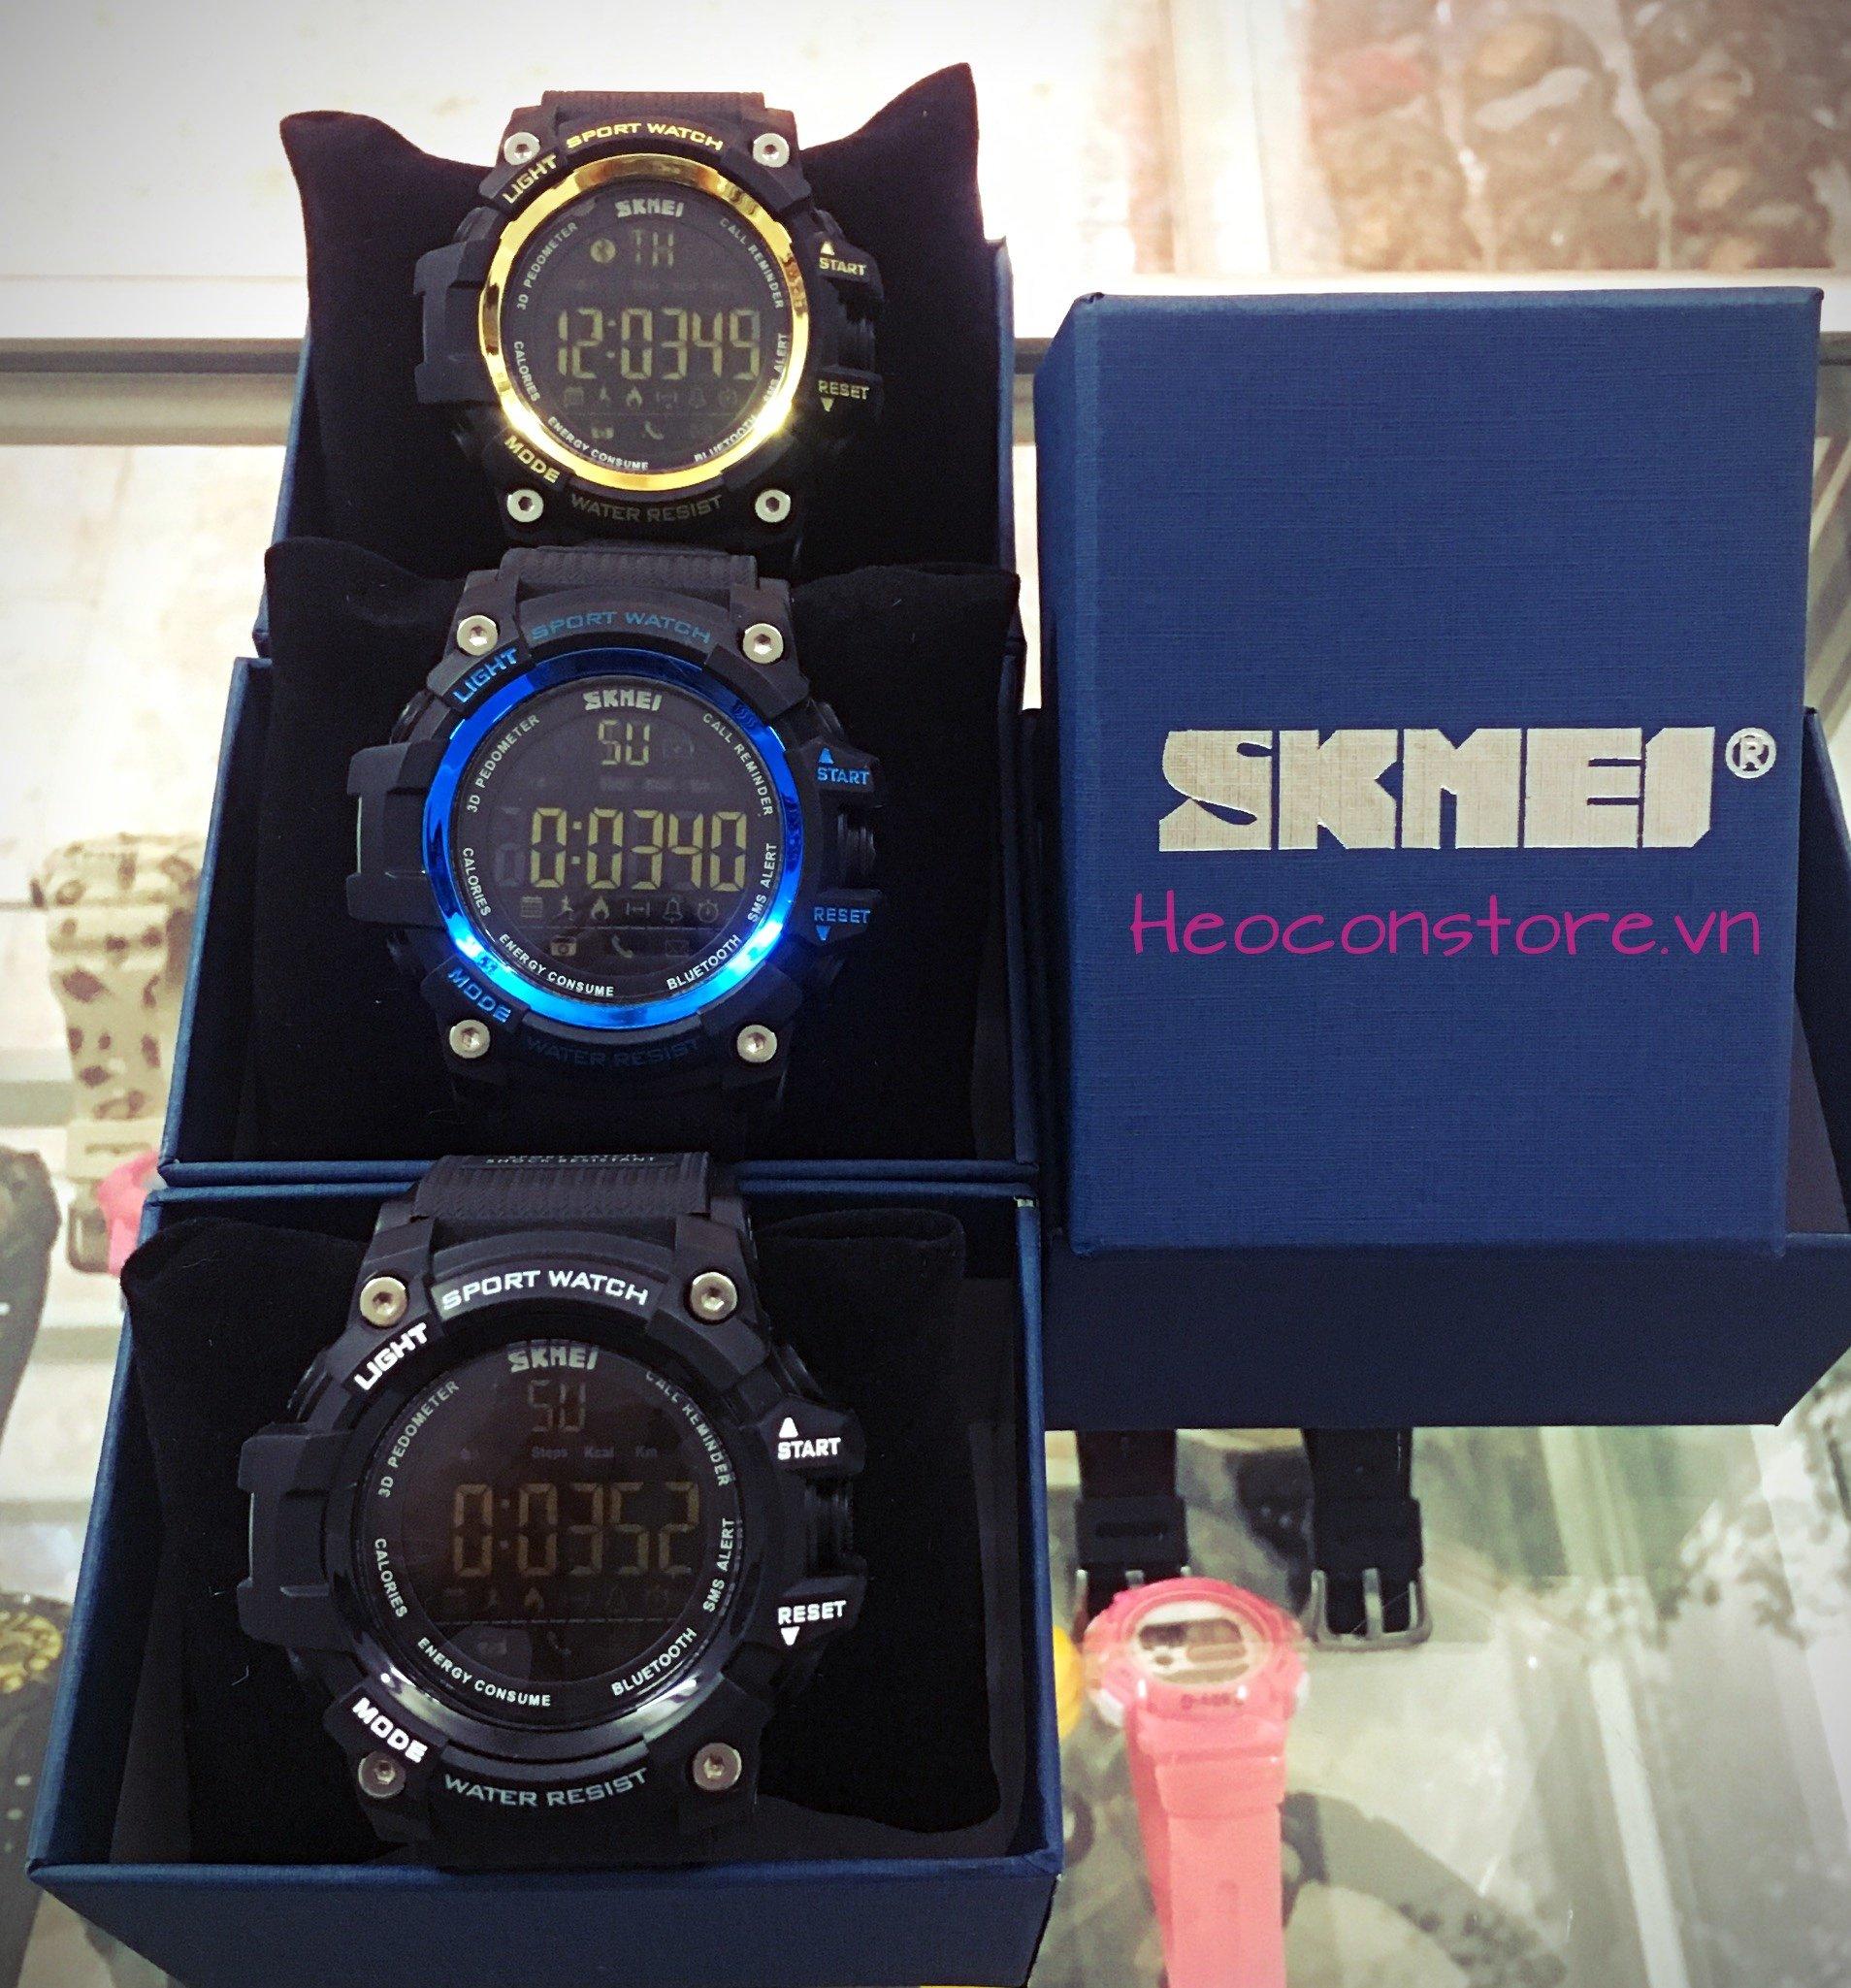 Đồng hồ smart watch thông minh skmei 1227 điện tử chính hãng chống nước